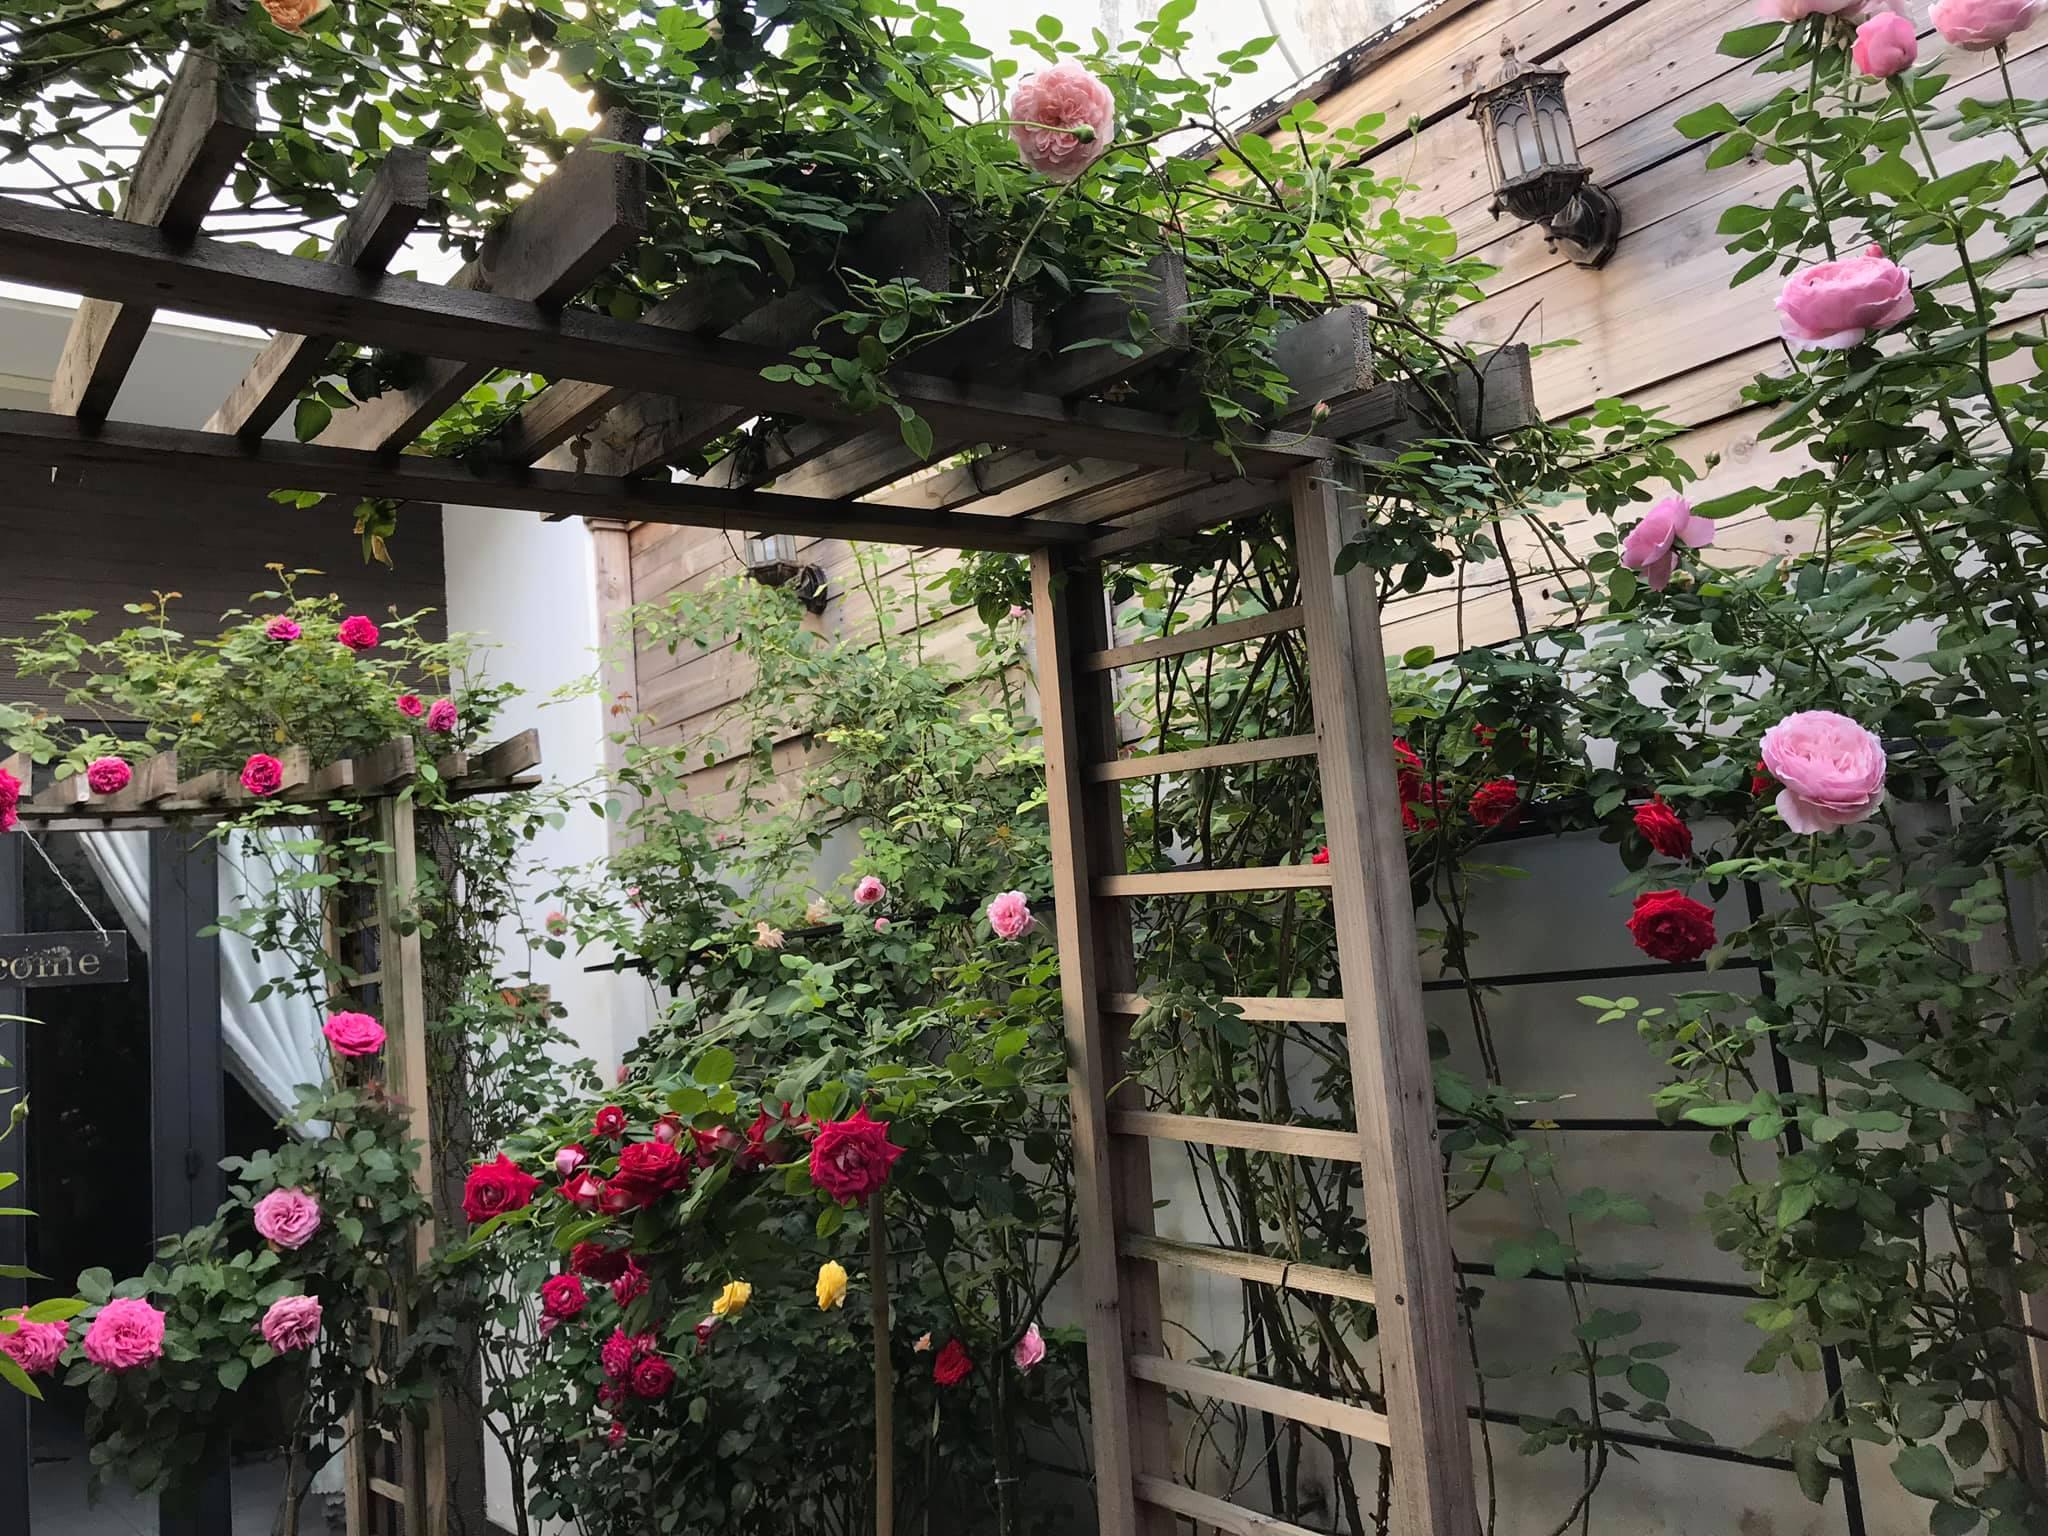 Vườn hồng rực rỡ tỏa sắc hương trước sân nhà đón hè sang của cặp vợ chồng trẻ Sải Gòn - Ảnh 9.